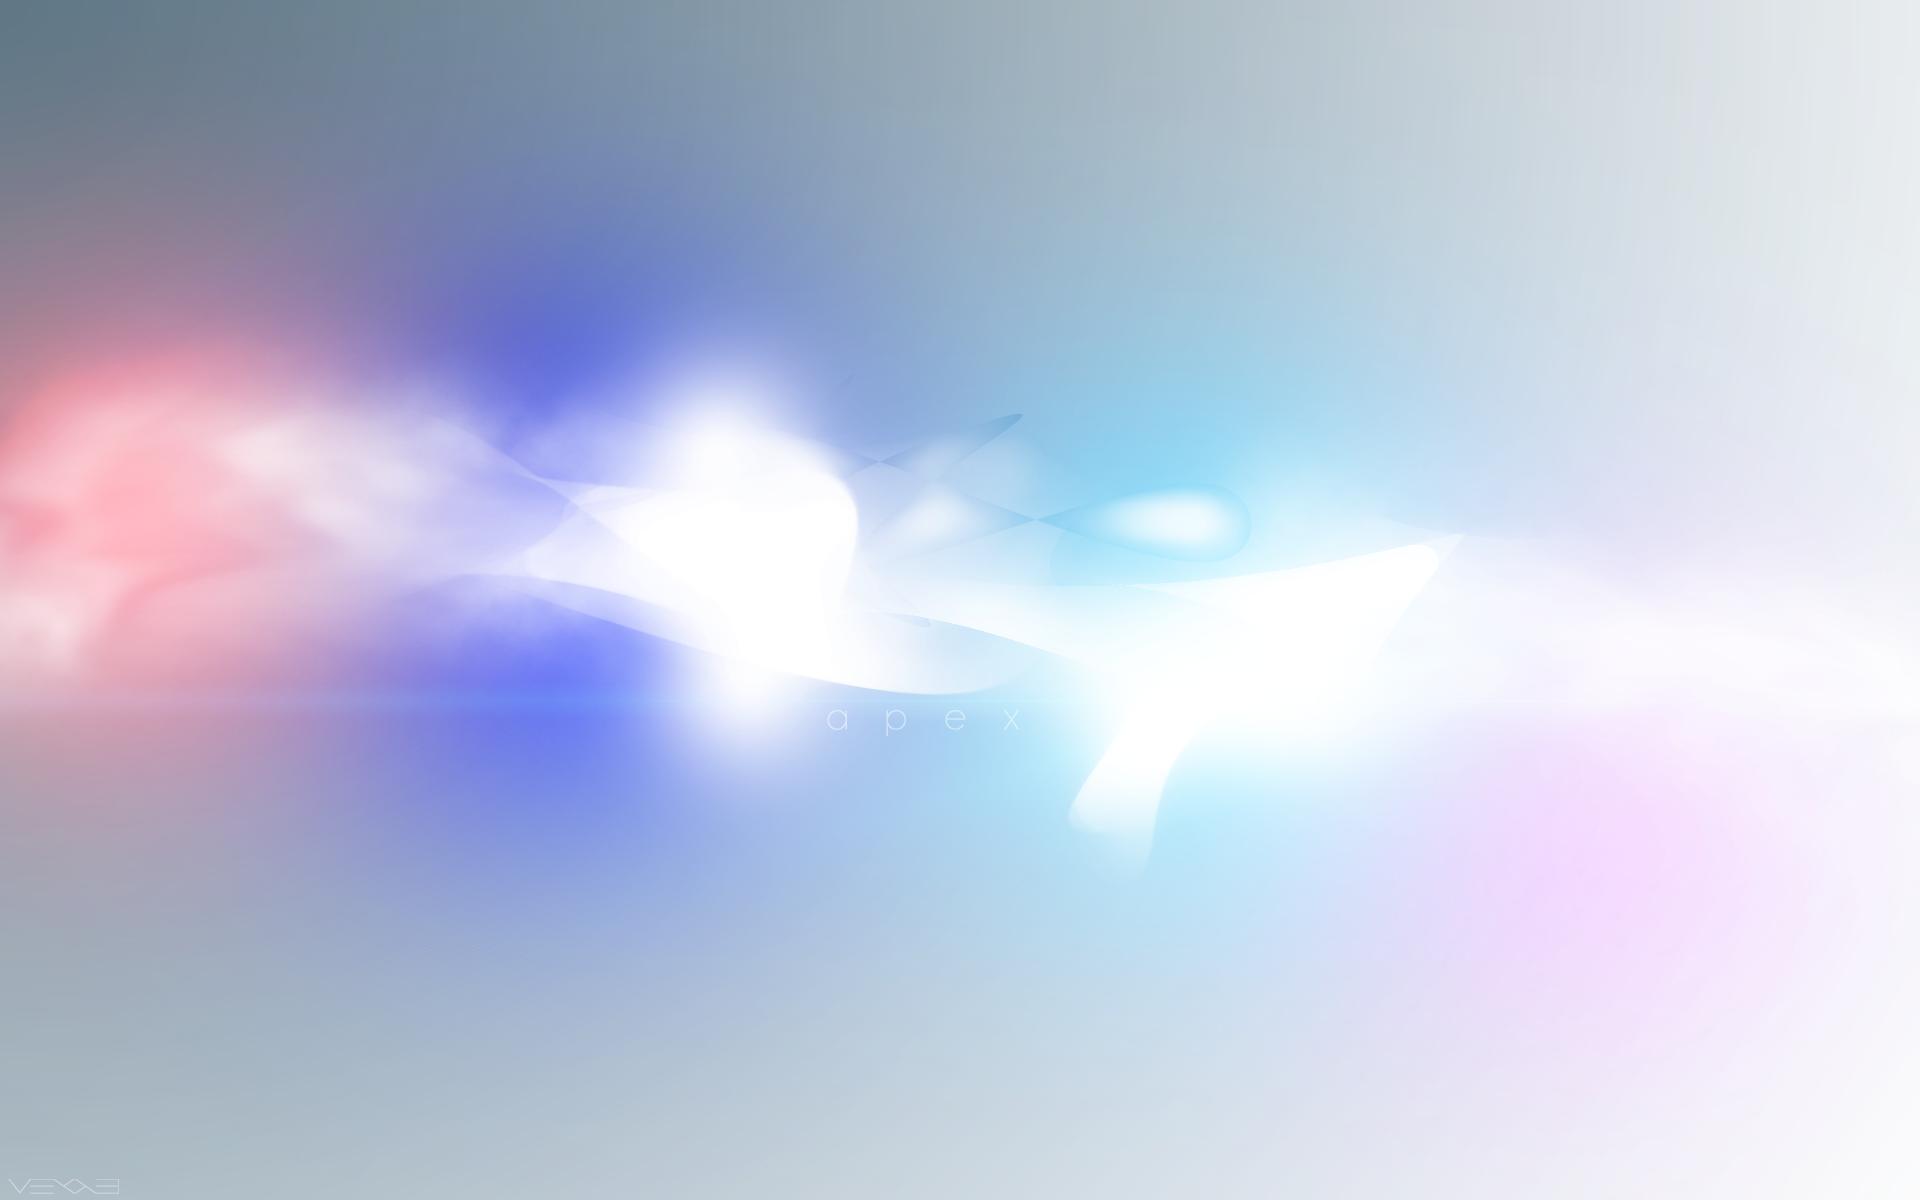 Apex fondo de pantalla hd fondo de escritorio for Fondos de pantalla full hd colores